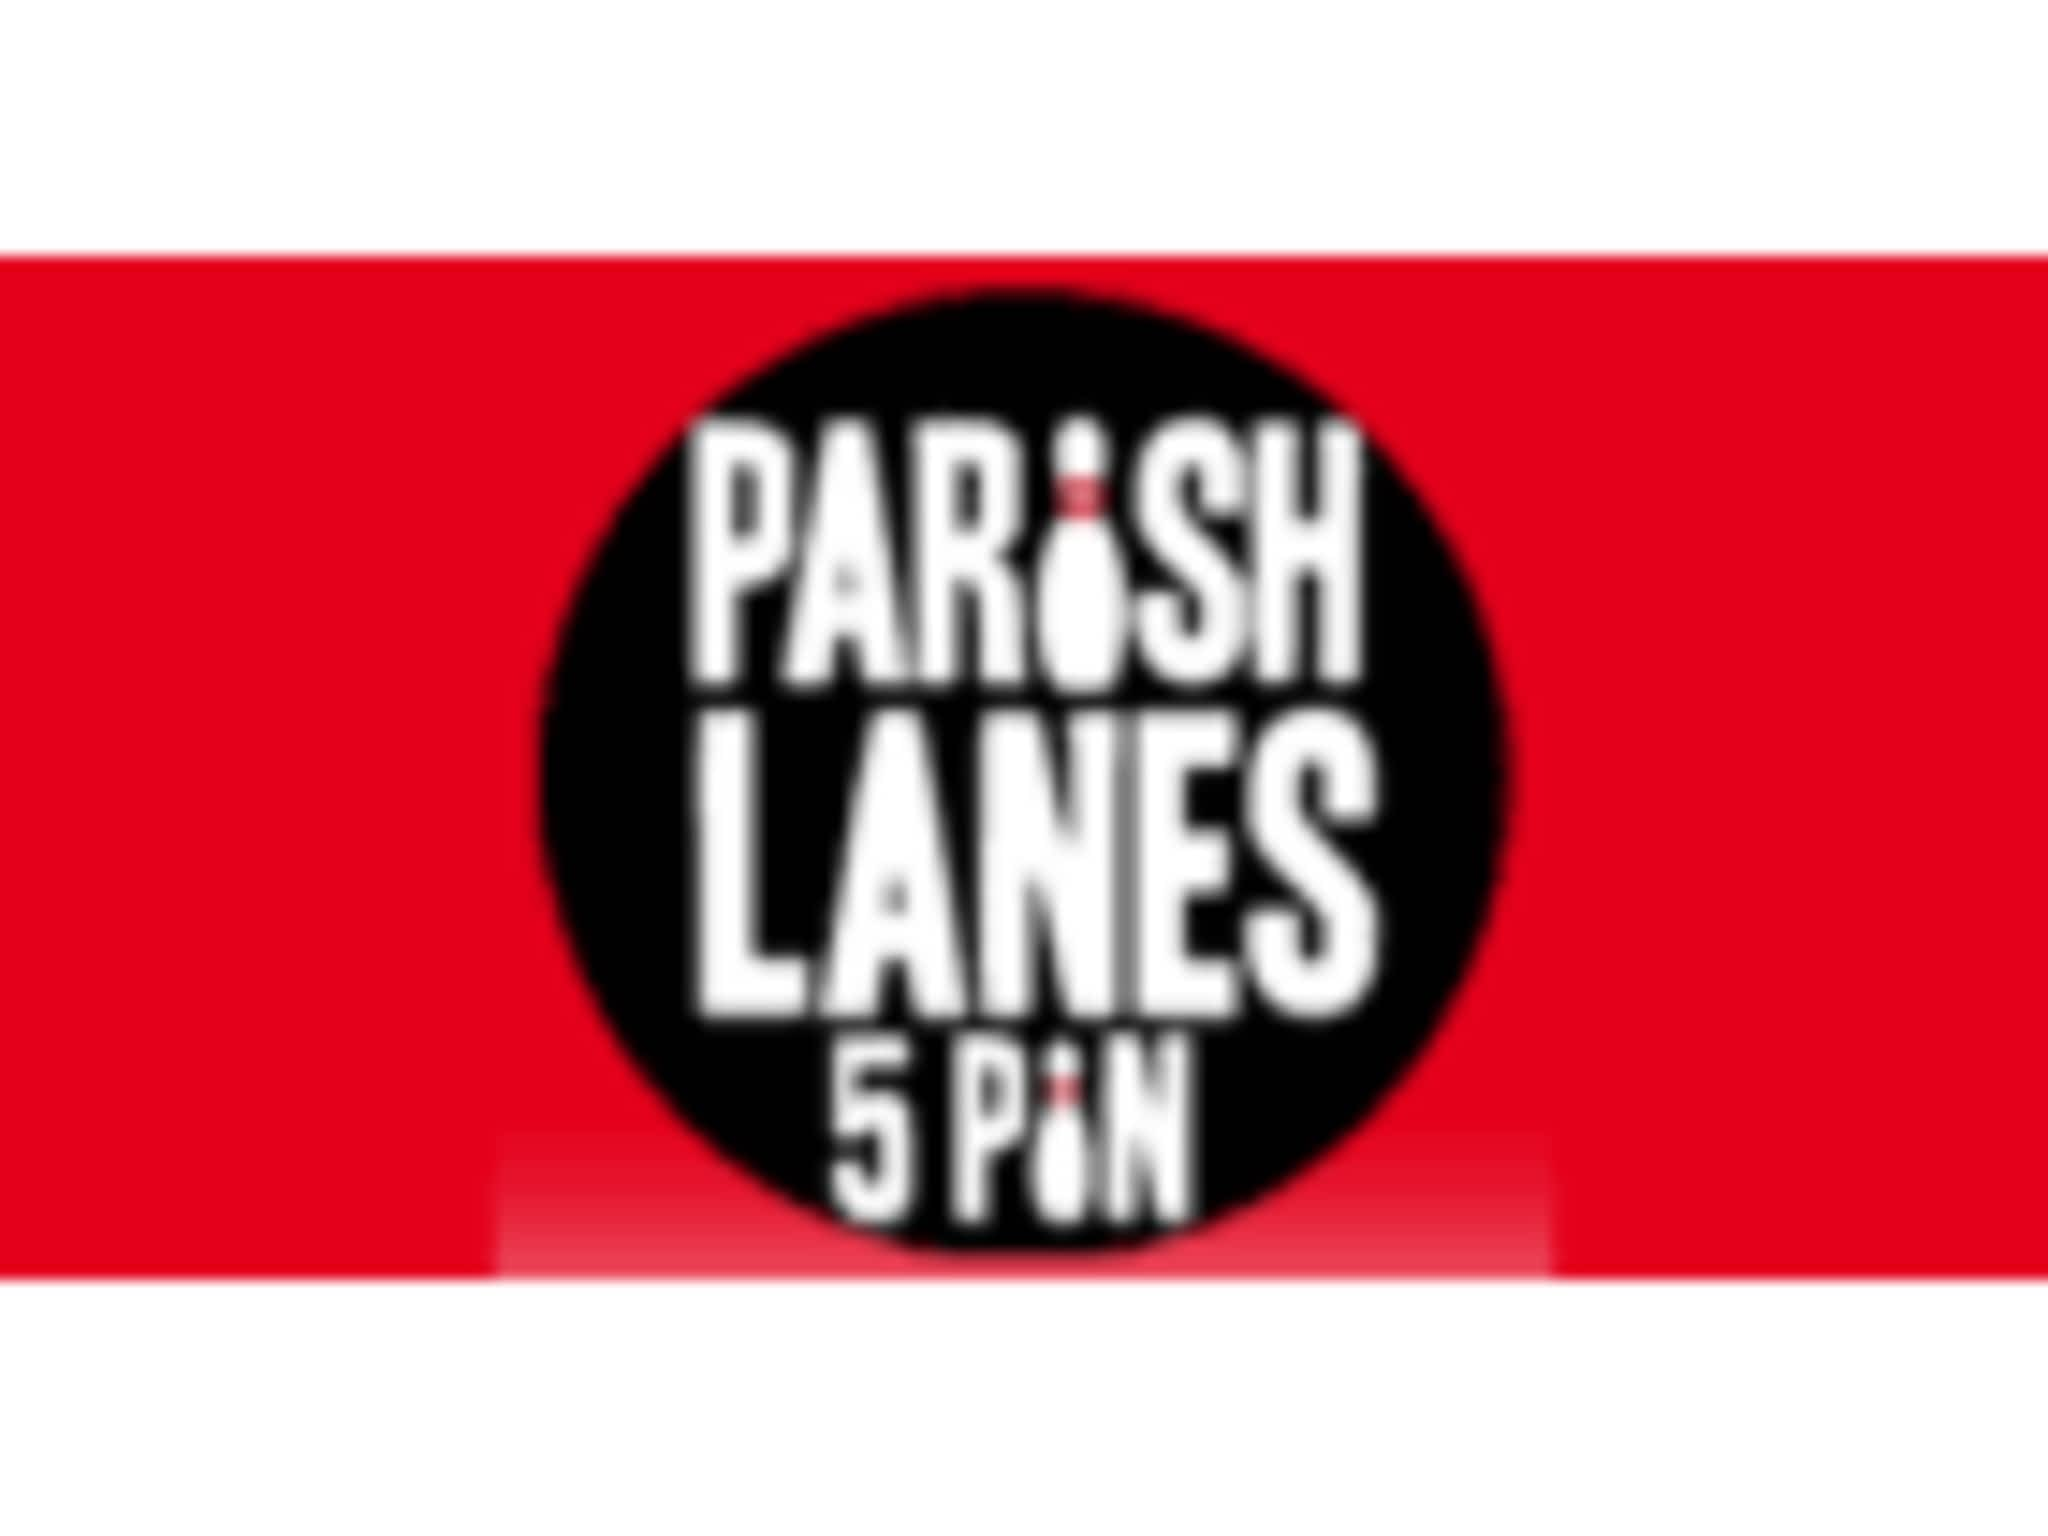 photo Parish Lanes